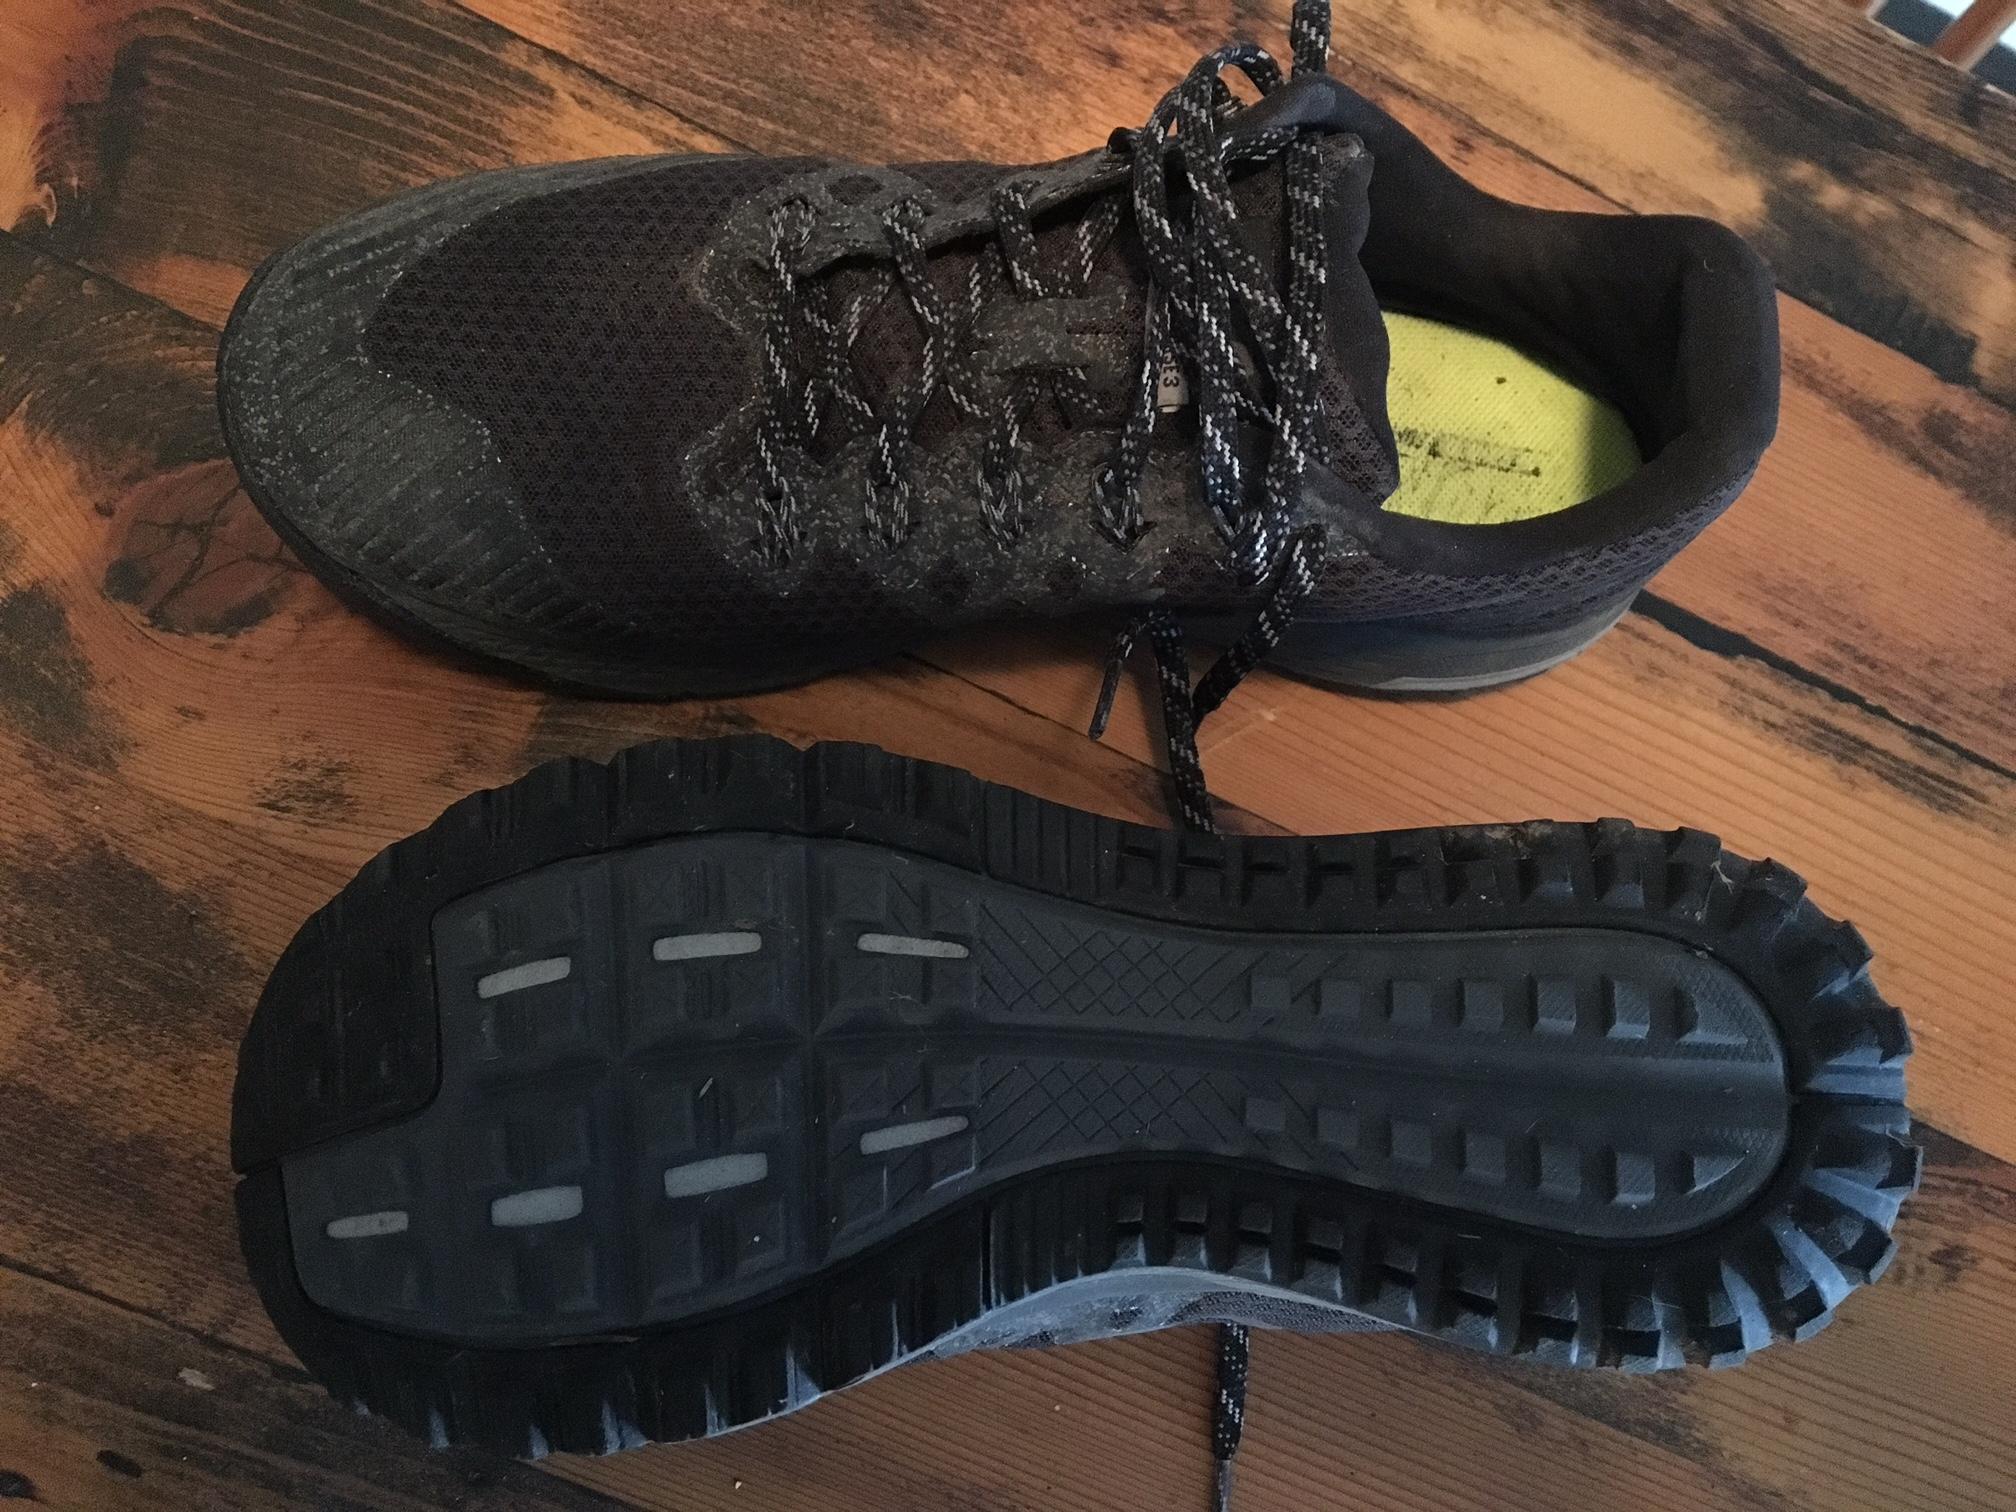 ec72fb77db228 Shoe Review  Nike Wildhorse 3